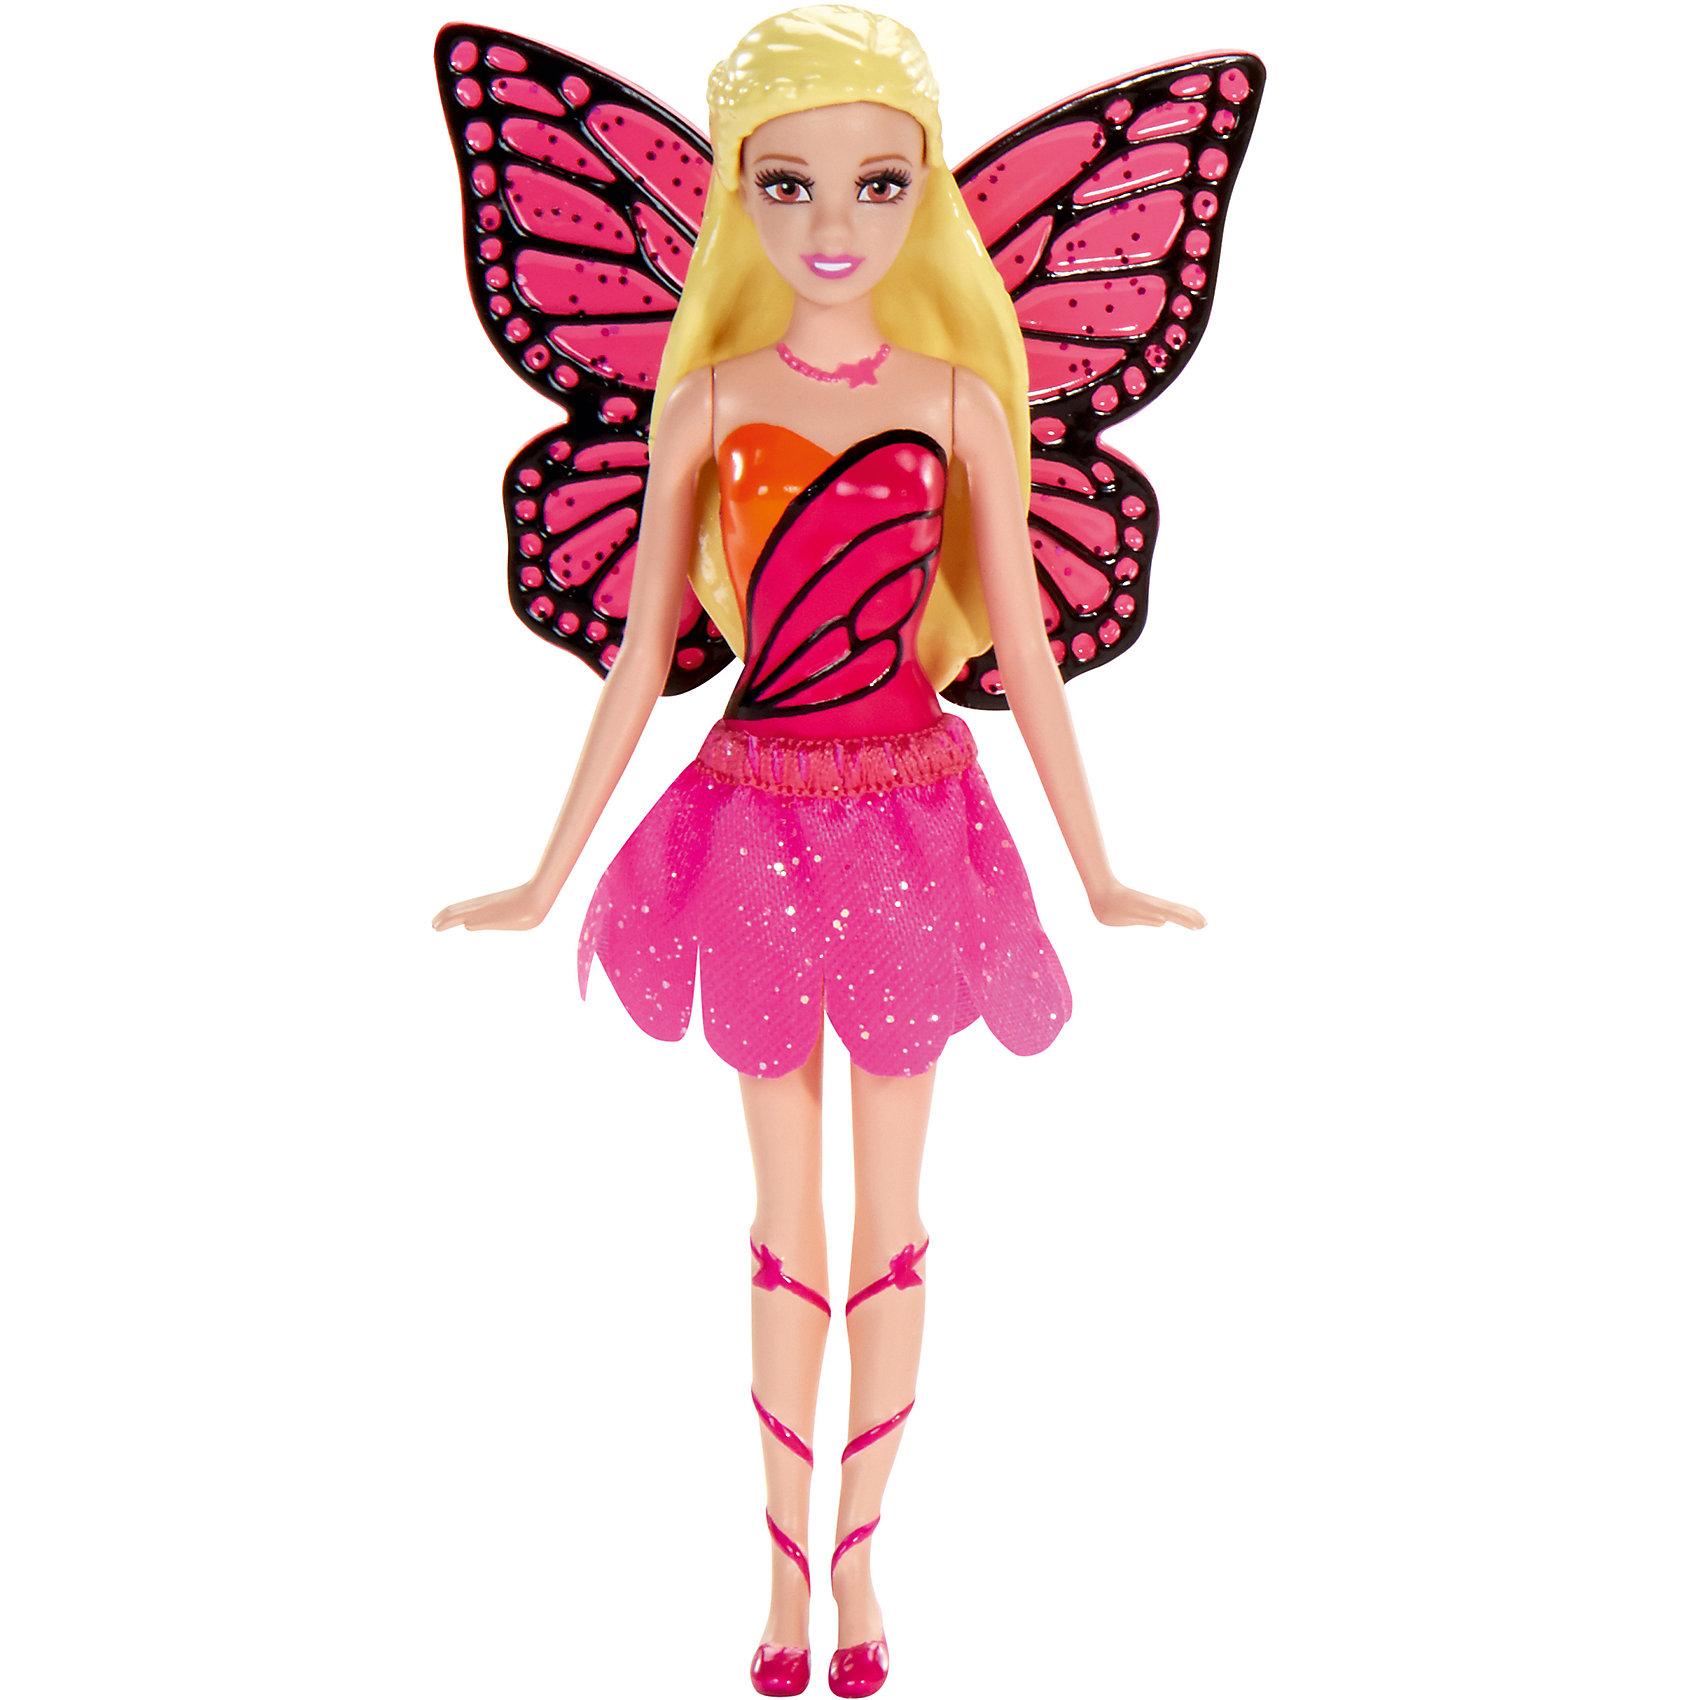 Сказочная мини-кукла, BarbieBarbie<br>Сказочная мини-кукла Барби - отличный вариант подарка для любительницы этих кукол. Продается игрушка в красивой тематической упаковке. Она очень волшебно выглядит! Это - сказочная принцесса, которых обожают все девочки.<br>Такие игрушки помогают развить мелкую моторику, логическое мышление и воображение ребенка. Игры с куклами помогают девочкам проходить социализацию и прививают чувство вкуса. Эта игрушка выполнена из текстиля и высококачественного прочного пластика, безопасного для детей, отлично детализирована.<br><br>Дополнительная информация:<br> <br>цвет: разноцветный;<br>материал: пластик, волосы - резина;<br>размер упаковки: 30?90х130 см.<br><br>Сказочную мини-куклу, Barbie от компании Mattel можно купить в нашем магазине.<br><br>Ширина мм: 30<br>Глубина мм: 90<br>Высота мм: 130<br>Вес г: 49<br>Возраст от месяцев: 36<br>Возраст до месяцев: 96<br>Пол: Женский<br>Возраст: Детский<br>SKU: 4791160